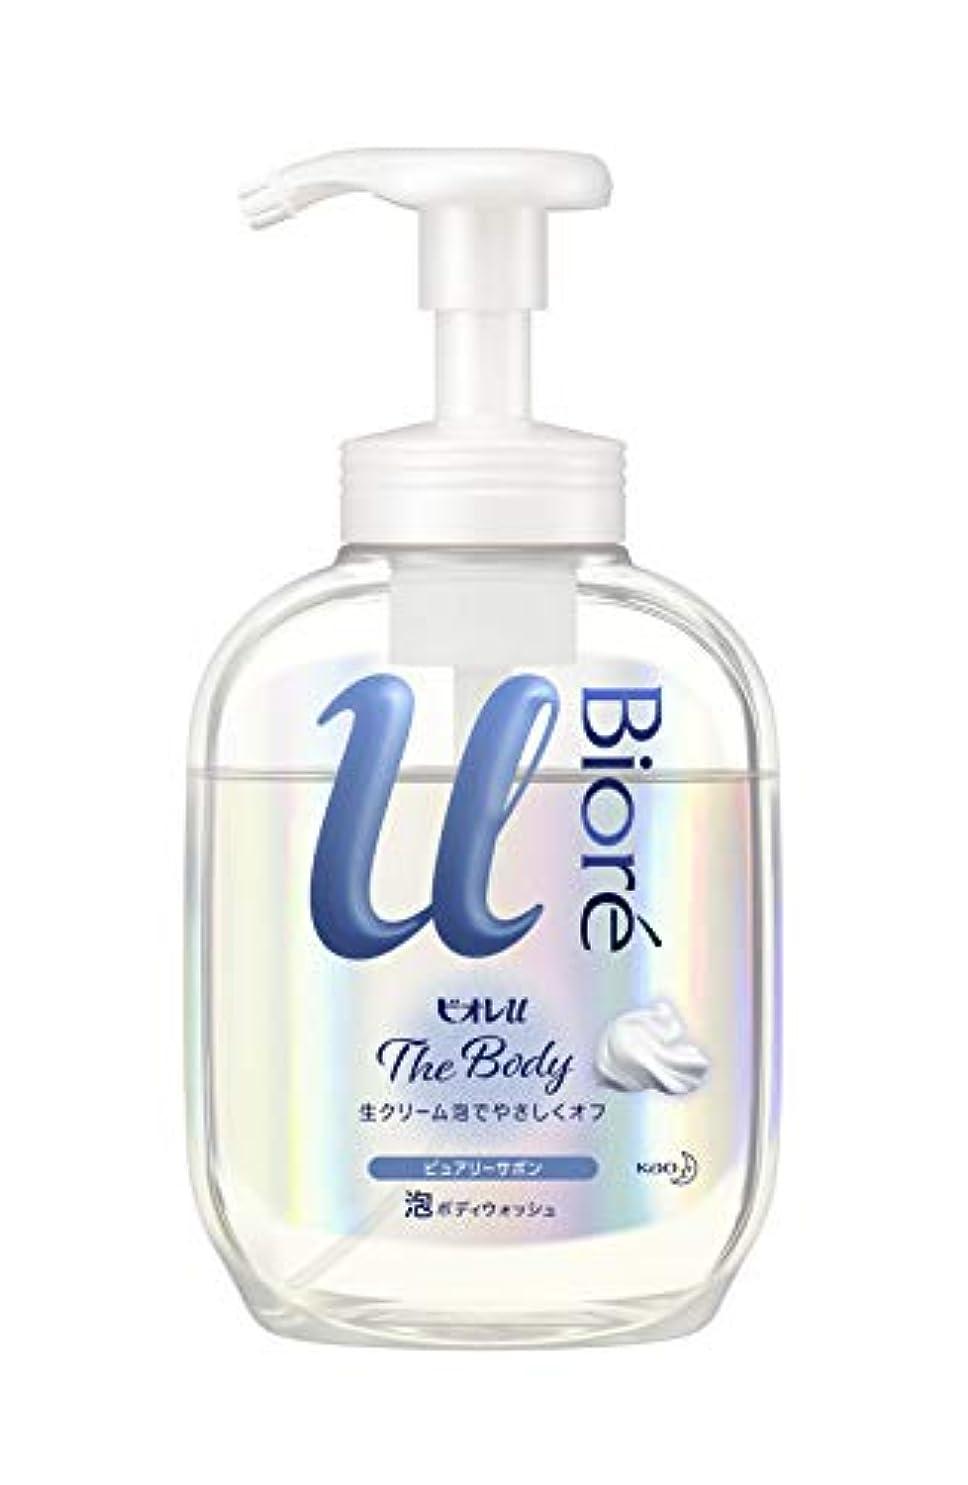 許される広大なヒップビオレu ザ ボディ 〔 The Body 〕 泡タイプ ピュアリーサボンの香り ポンプ 540ml 「高潤滑処方の生クリーム泡」